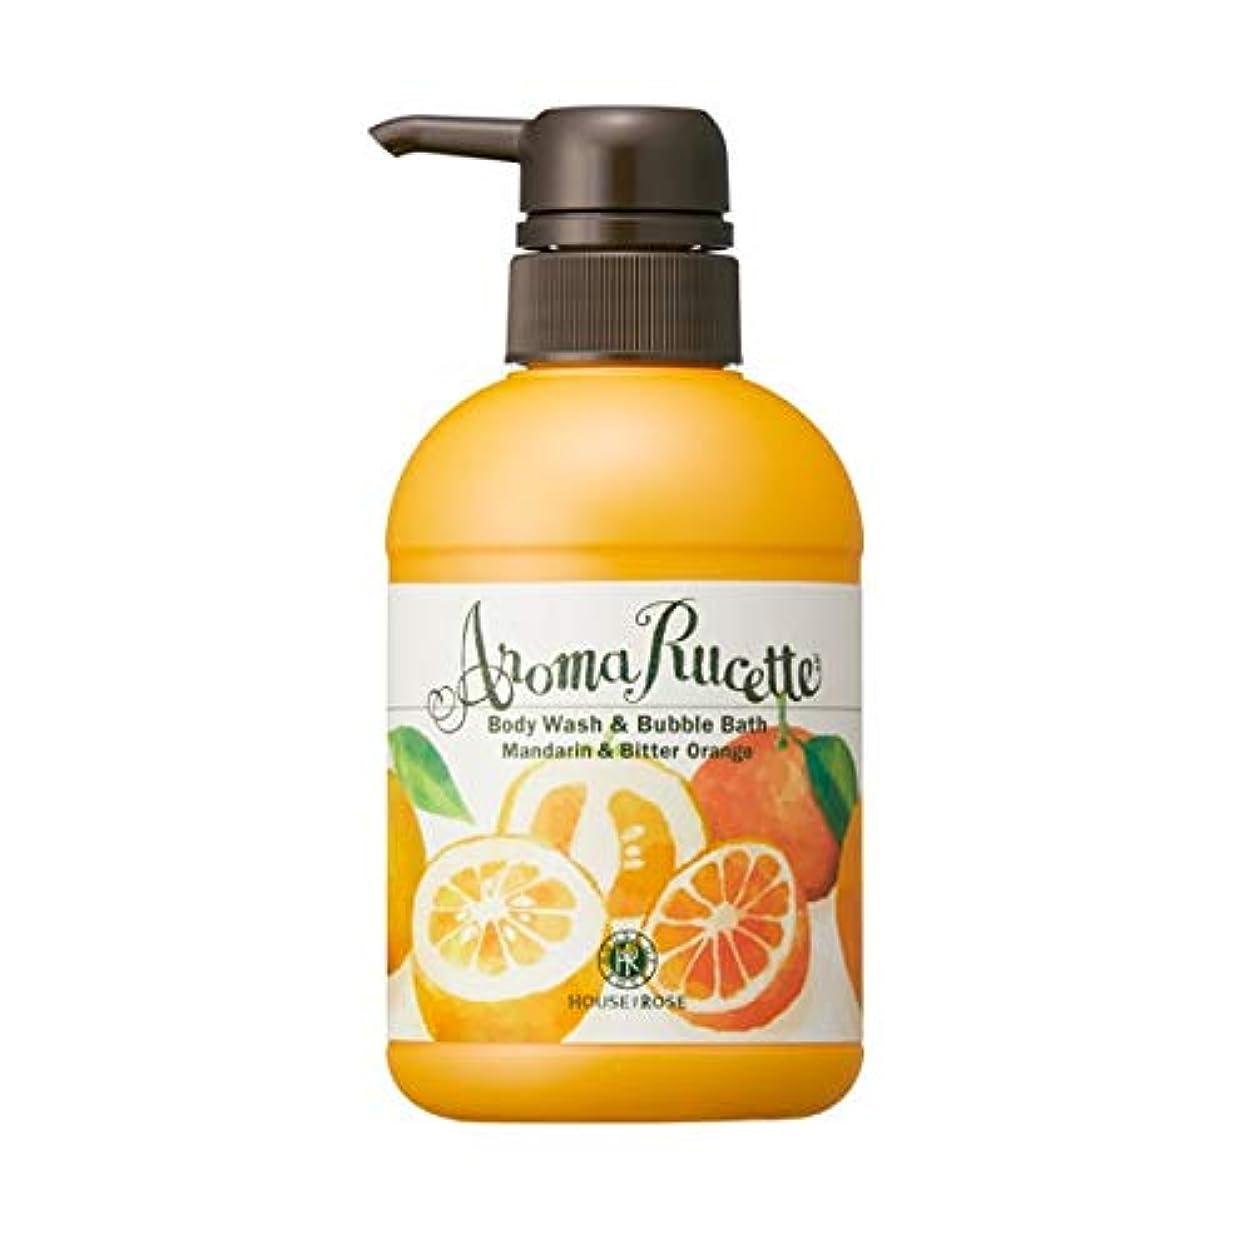 ダーベビルのテスステープルスチールHOUSE OF ROSE(ハウスオブローゼ) ハウスオブローゼ/アロマルセット ボディウォッシュ&バブルバス MD&BO(マンダリン&ビターオレンジの香り)350mL